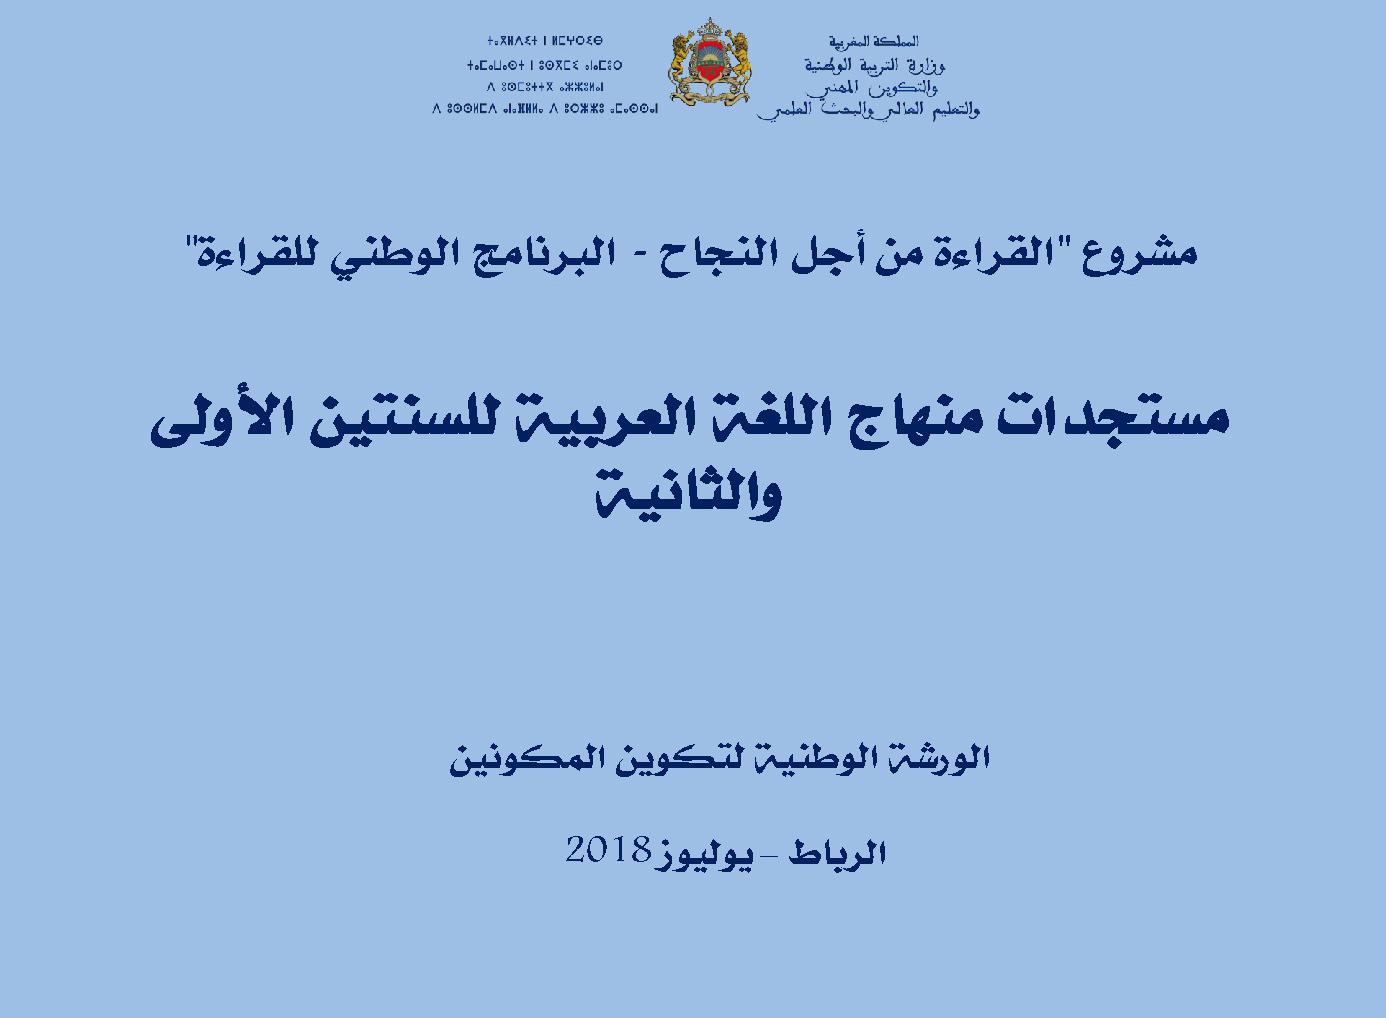 منهاج اللغة العربية للسنتين الأولى والثانية